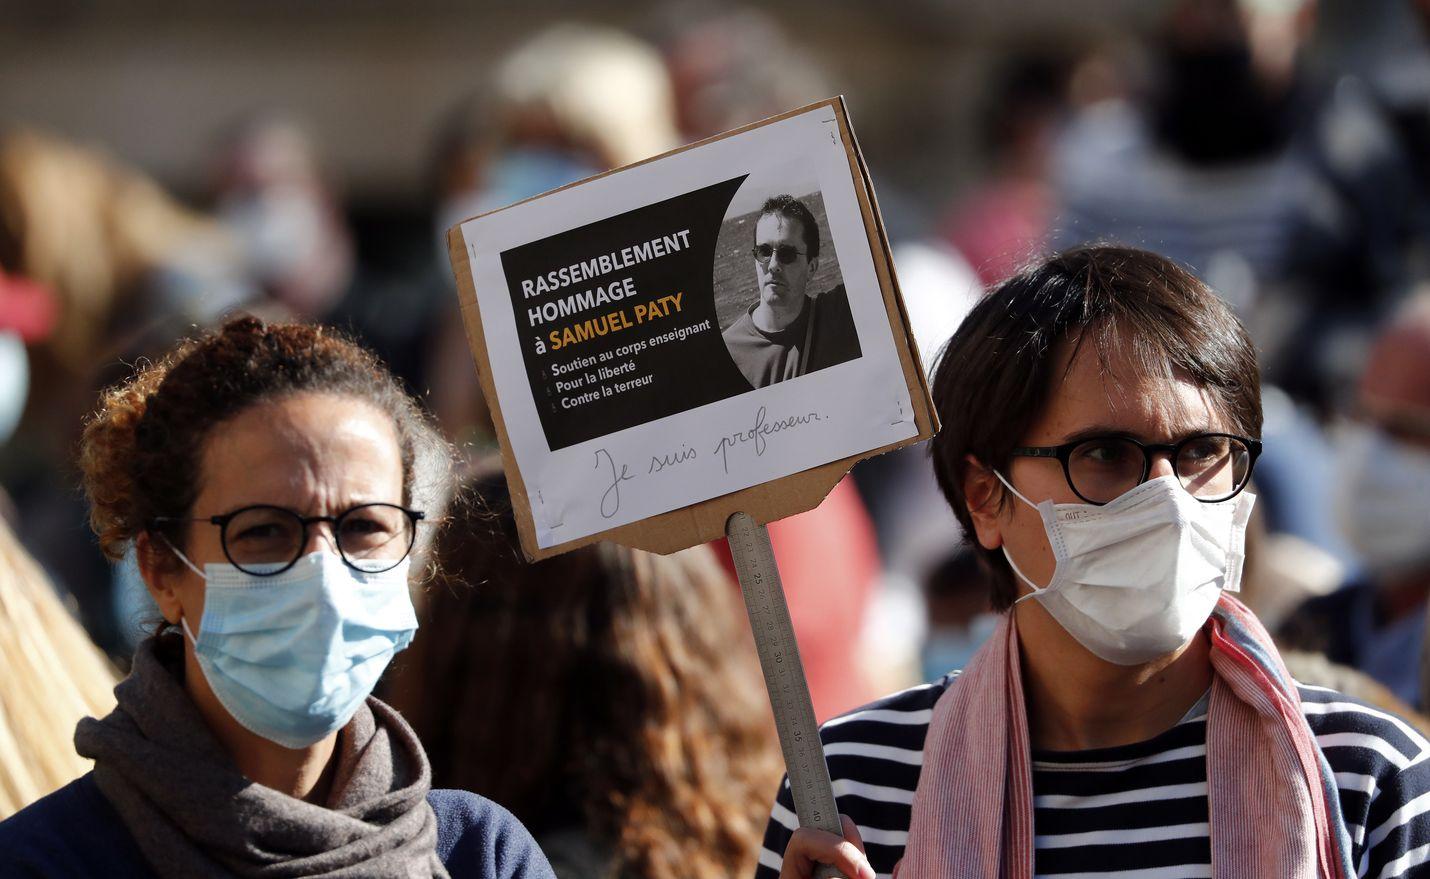 Montpellier´ssä pidettiin sunnuntaina mielenosoitus murhatun opettajan Samuel Patyn muistoksi.